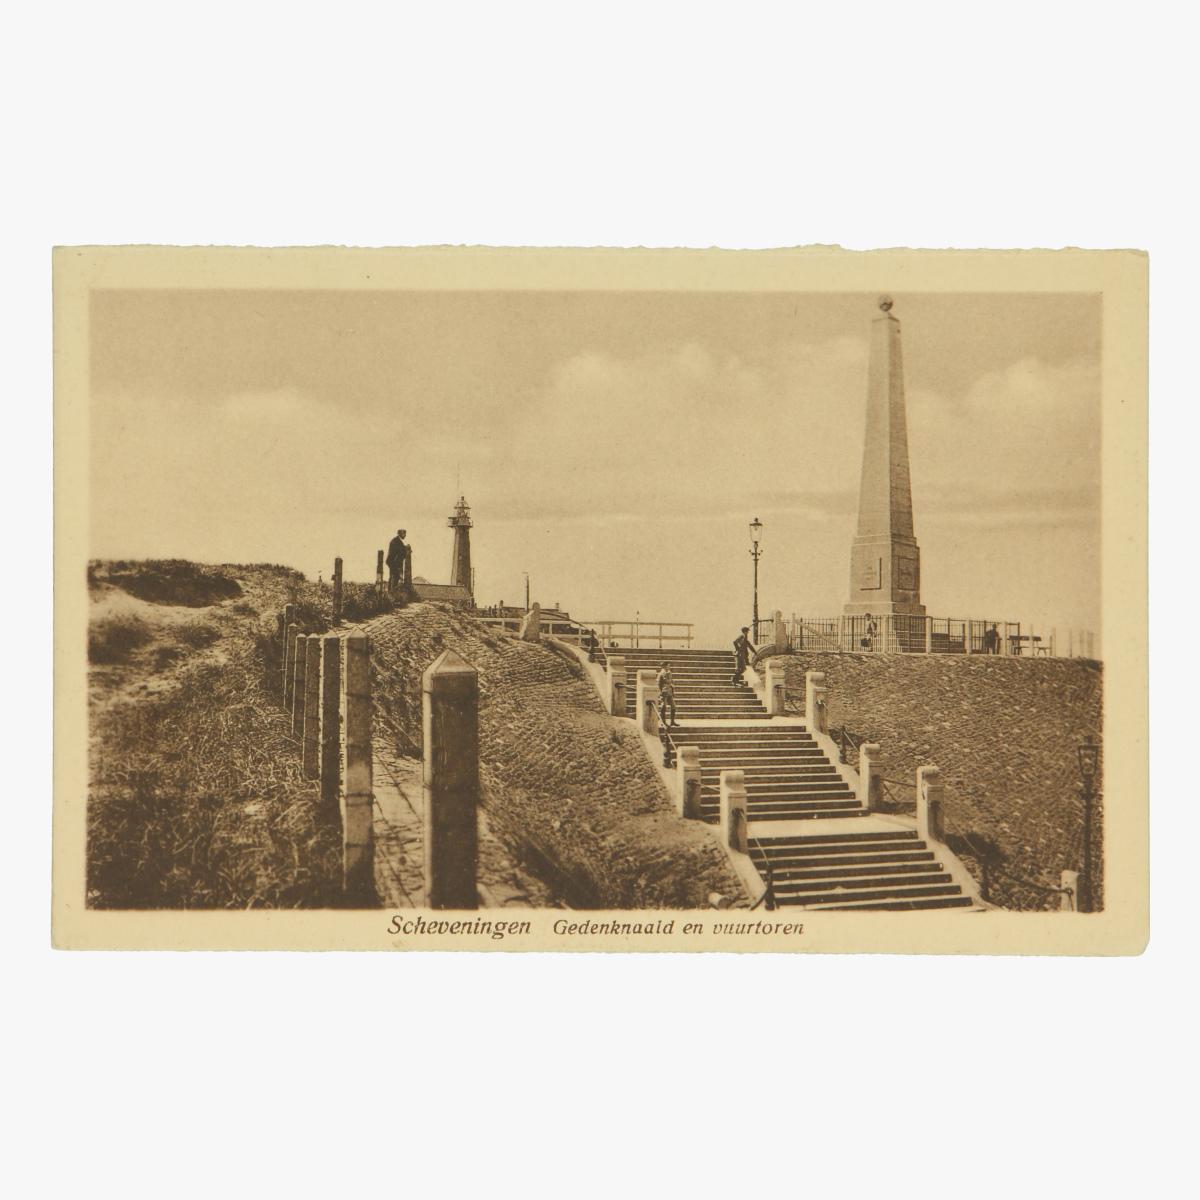 Afbeeldingen van Scheveningen Gedenknaald en vuurtoren. Postkaart Nr. 284